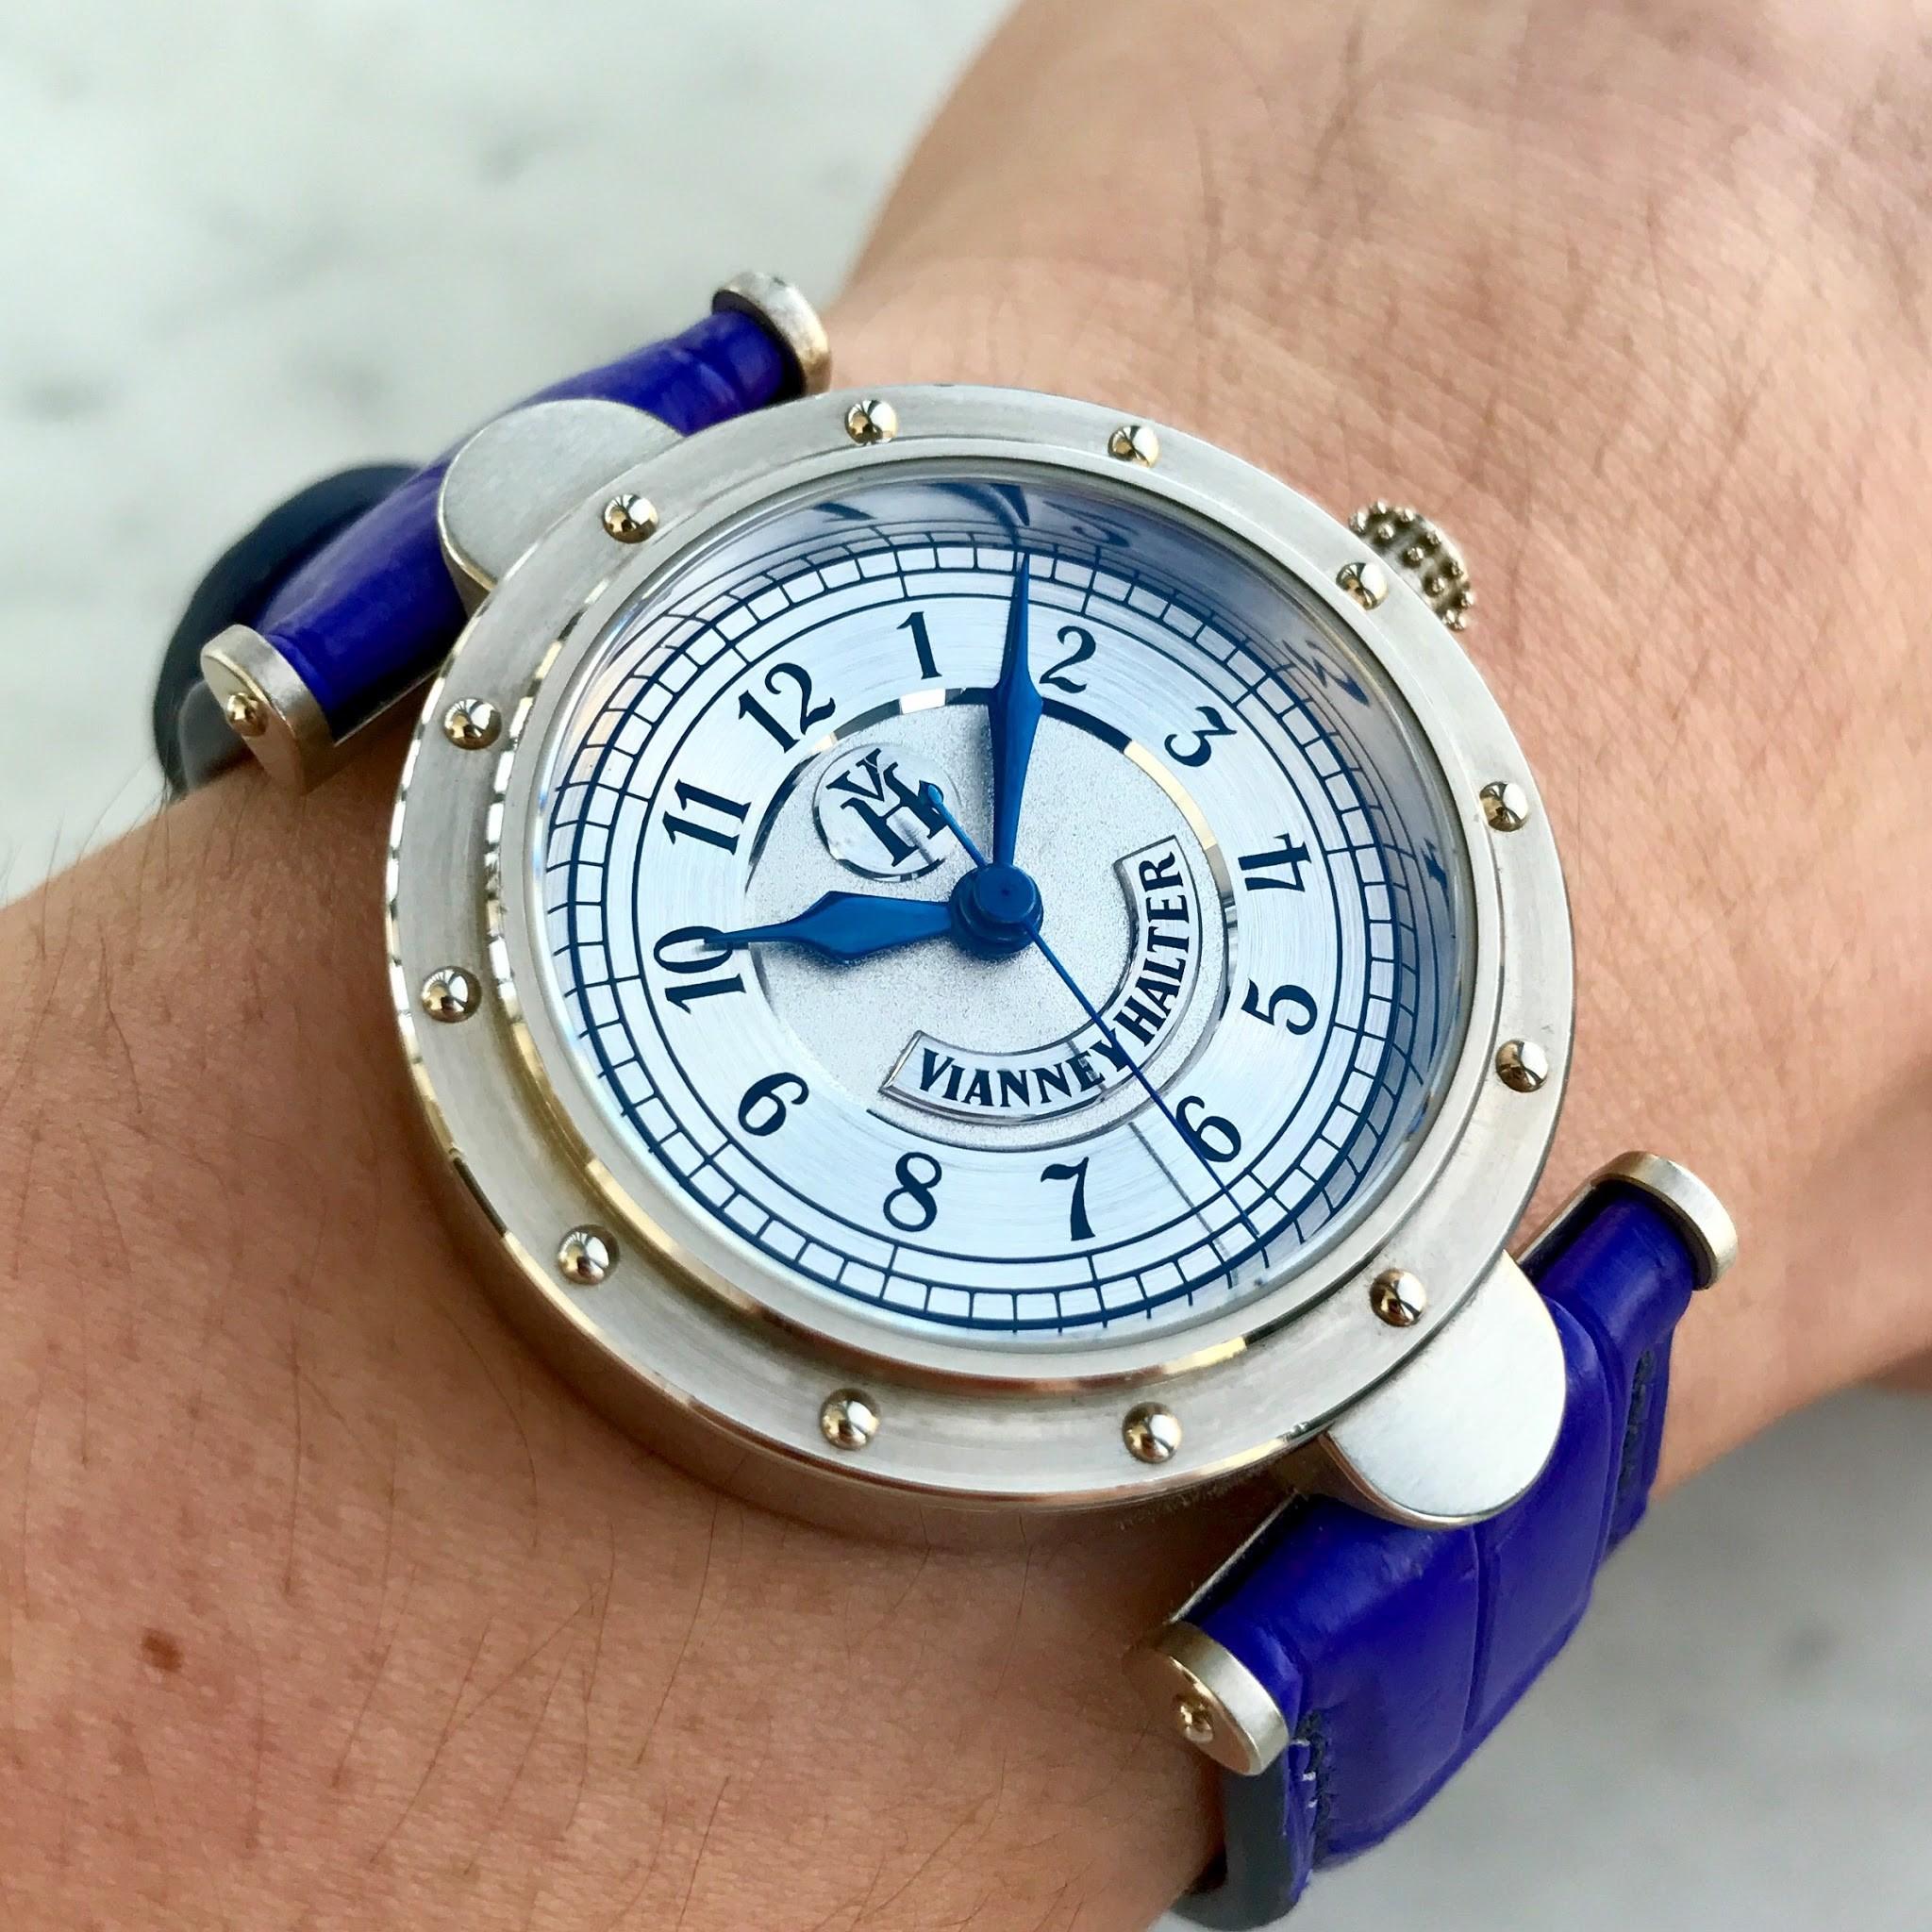 My Vianney Halter Classic timepiece.